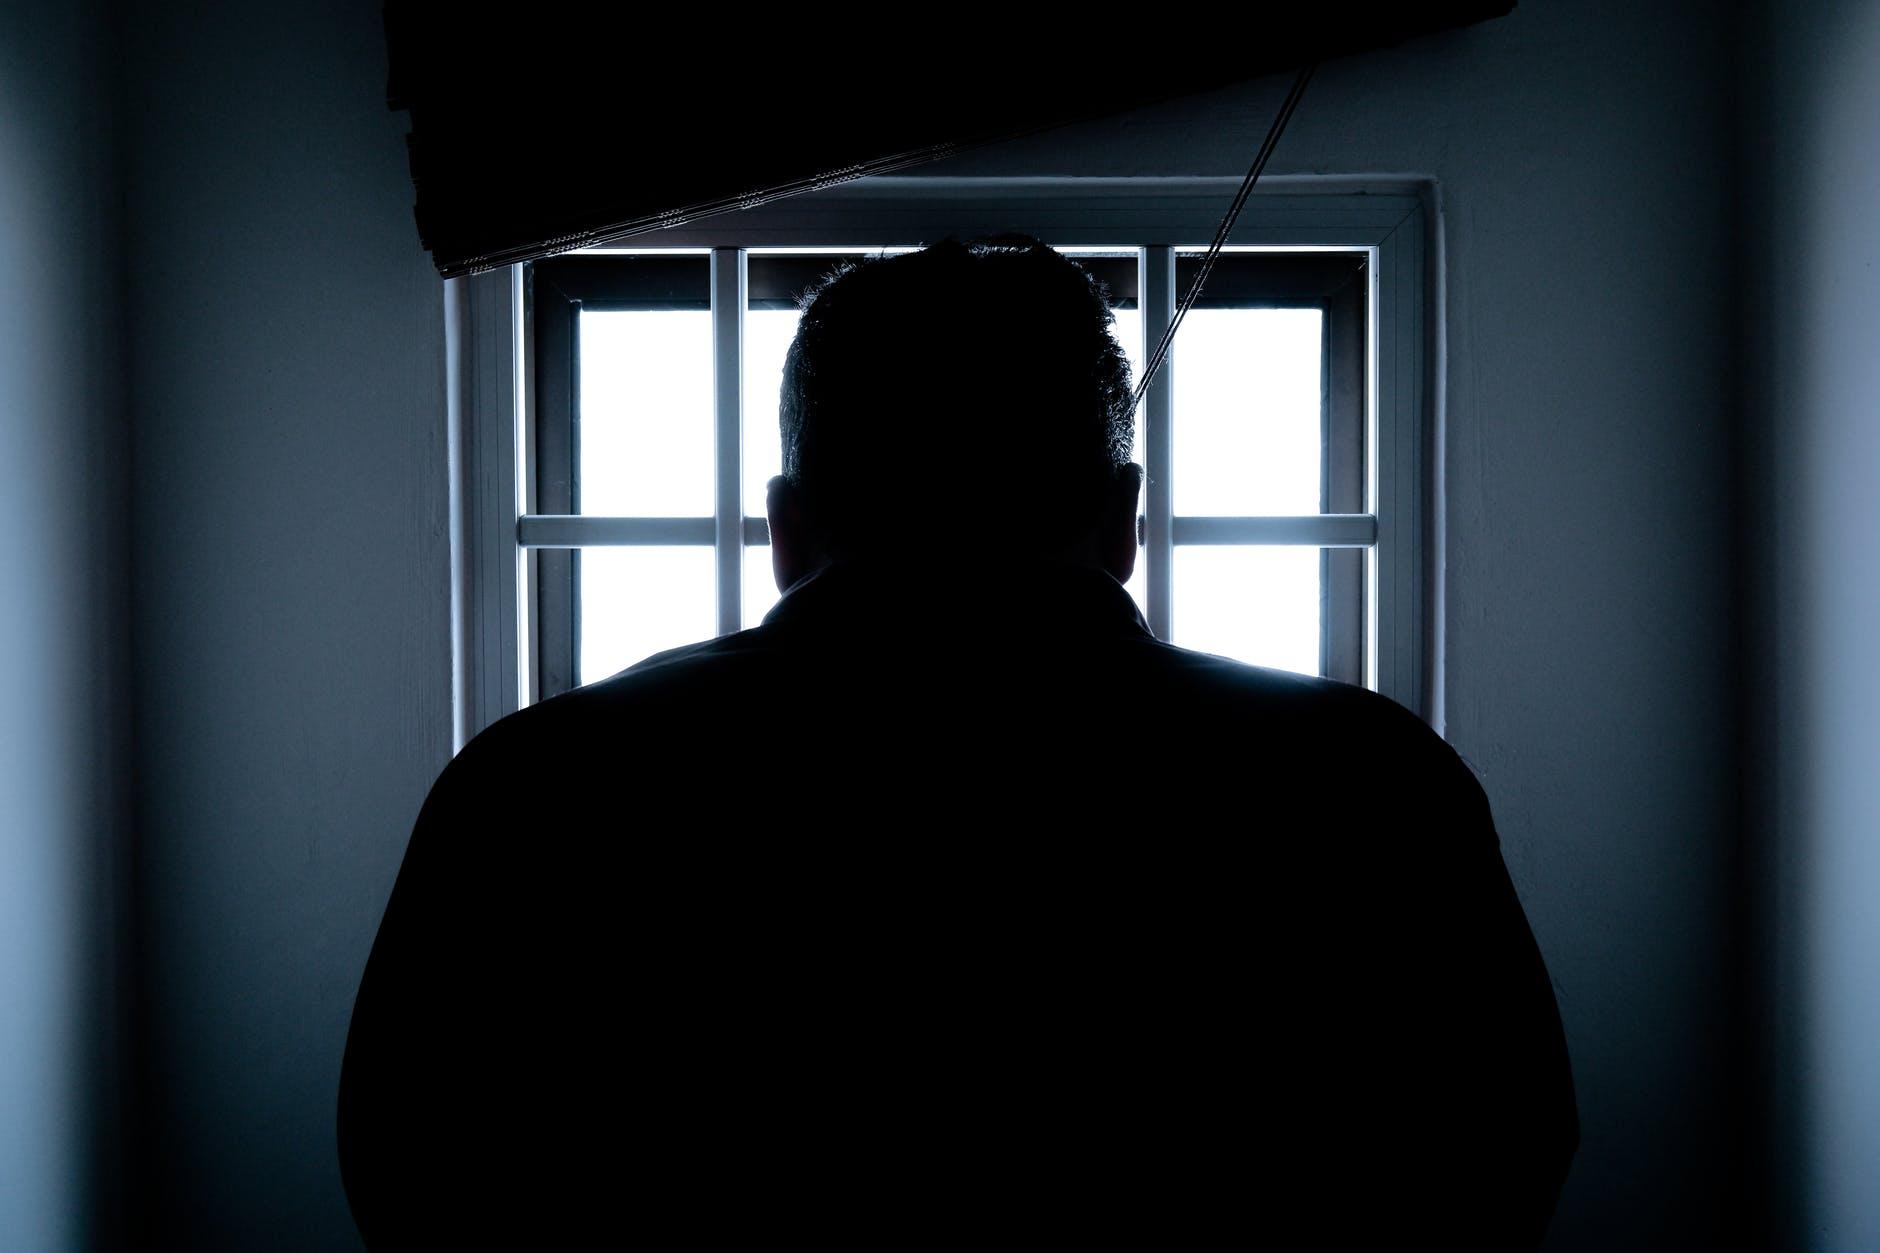 Gefangener in einer Zelle schaut durch Gitter zum Fenster raus.